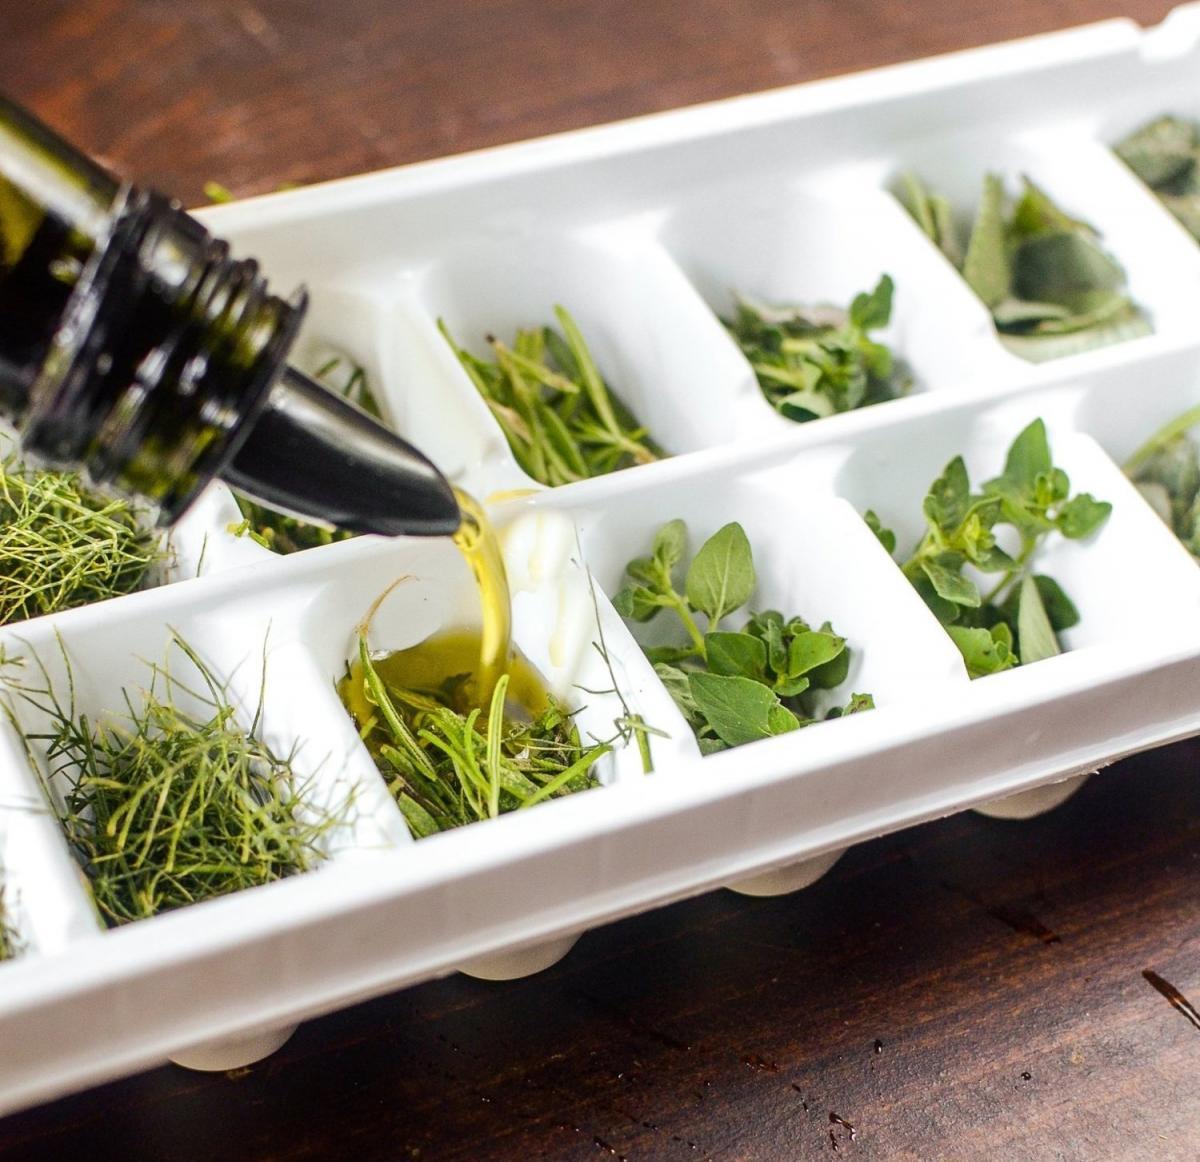 Как заготовить зелень на зиму и сохранить максимум витаминов: 3 способа для ленивых